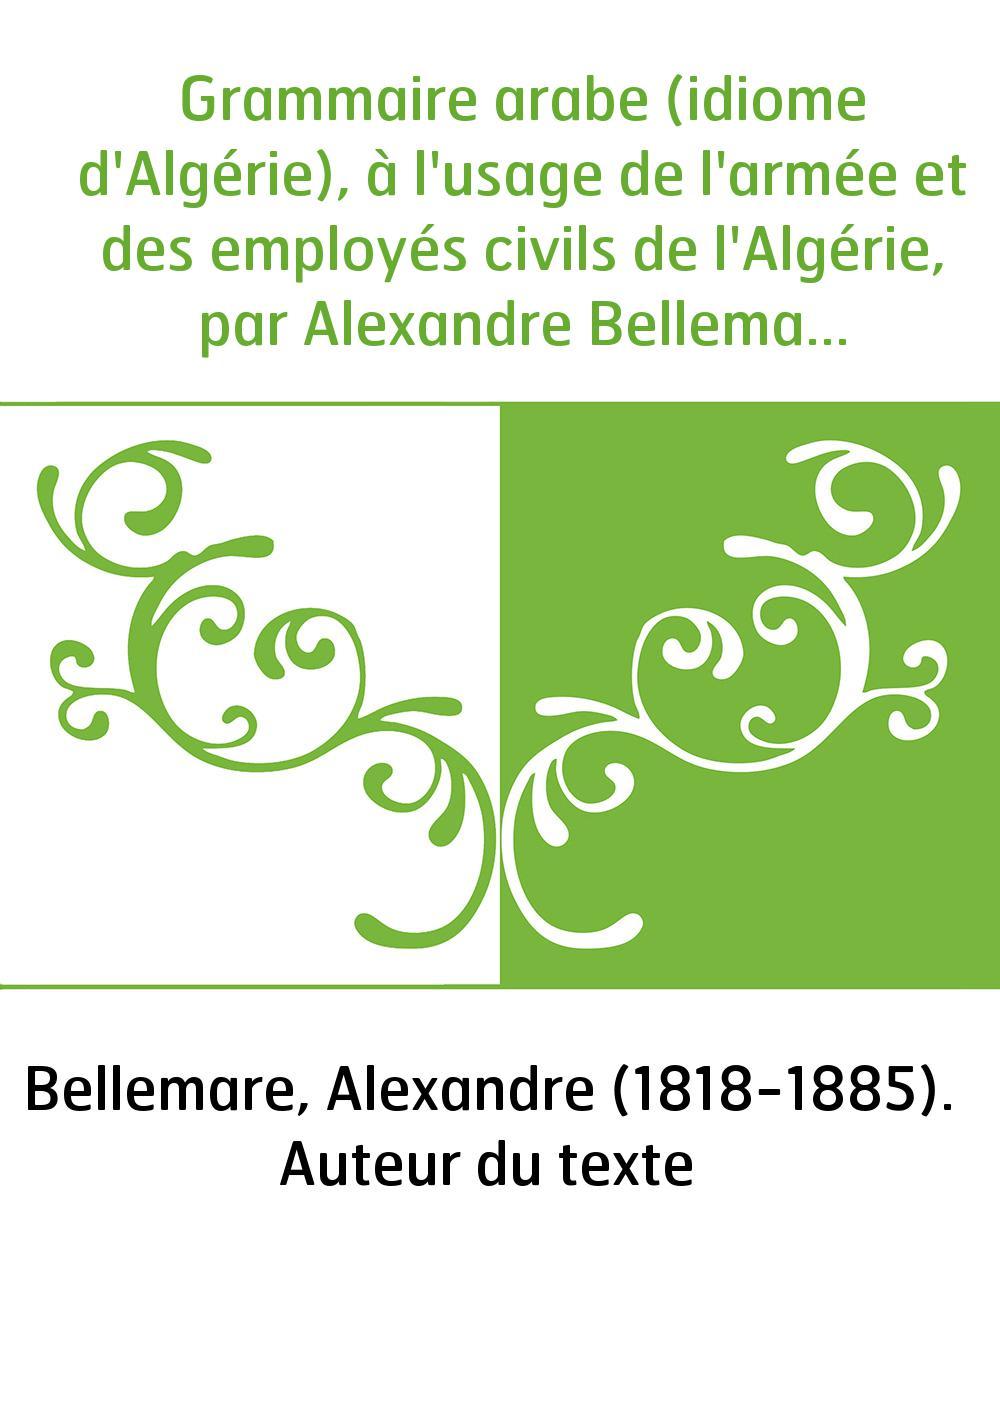 Grammaire arabe (idiome d'Algérie), à l'usage de l'armée et des employés civils de l'Algérie, par Alexandre Bellemare,... suivie